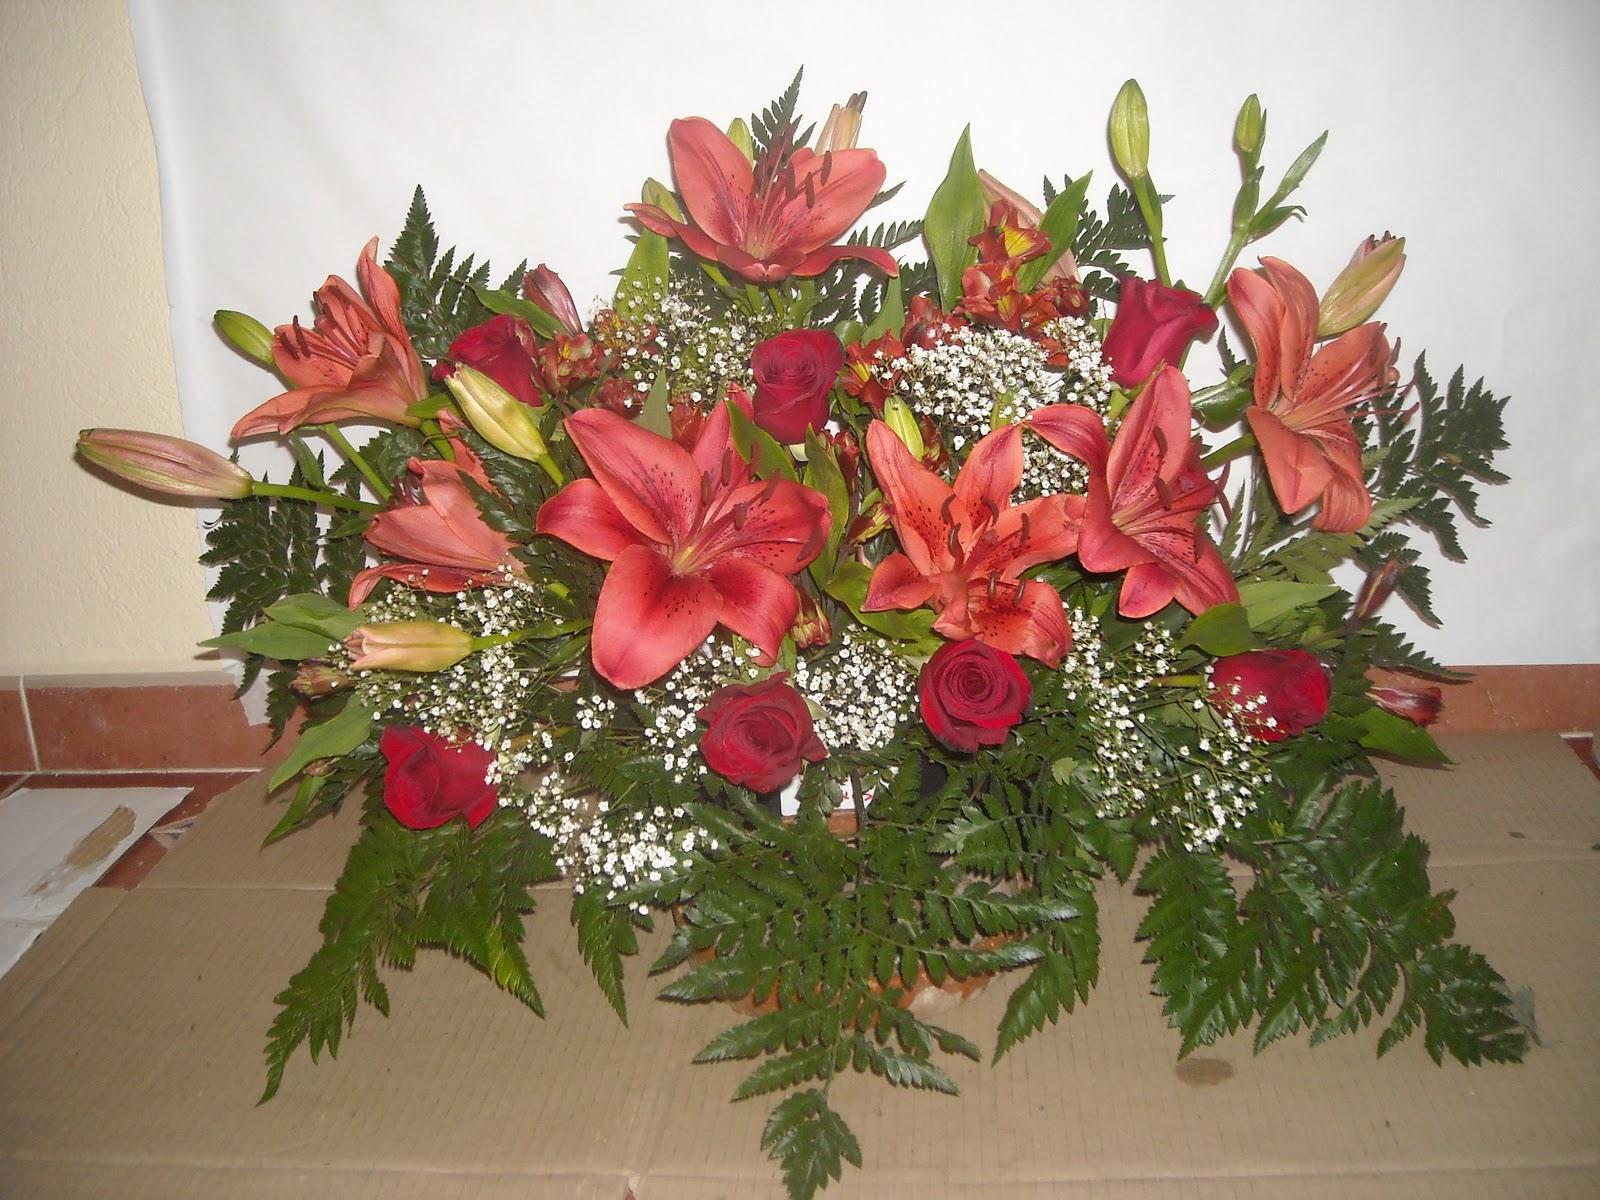 2011 Flor Vidrionoviembre 2011 y Arte Flor Arte Arte y Vidrionoviembre y Flor TFJcK1l3